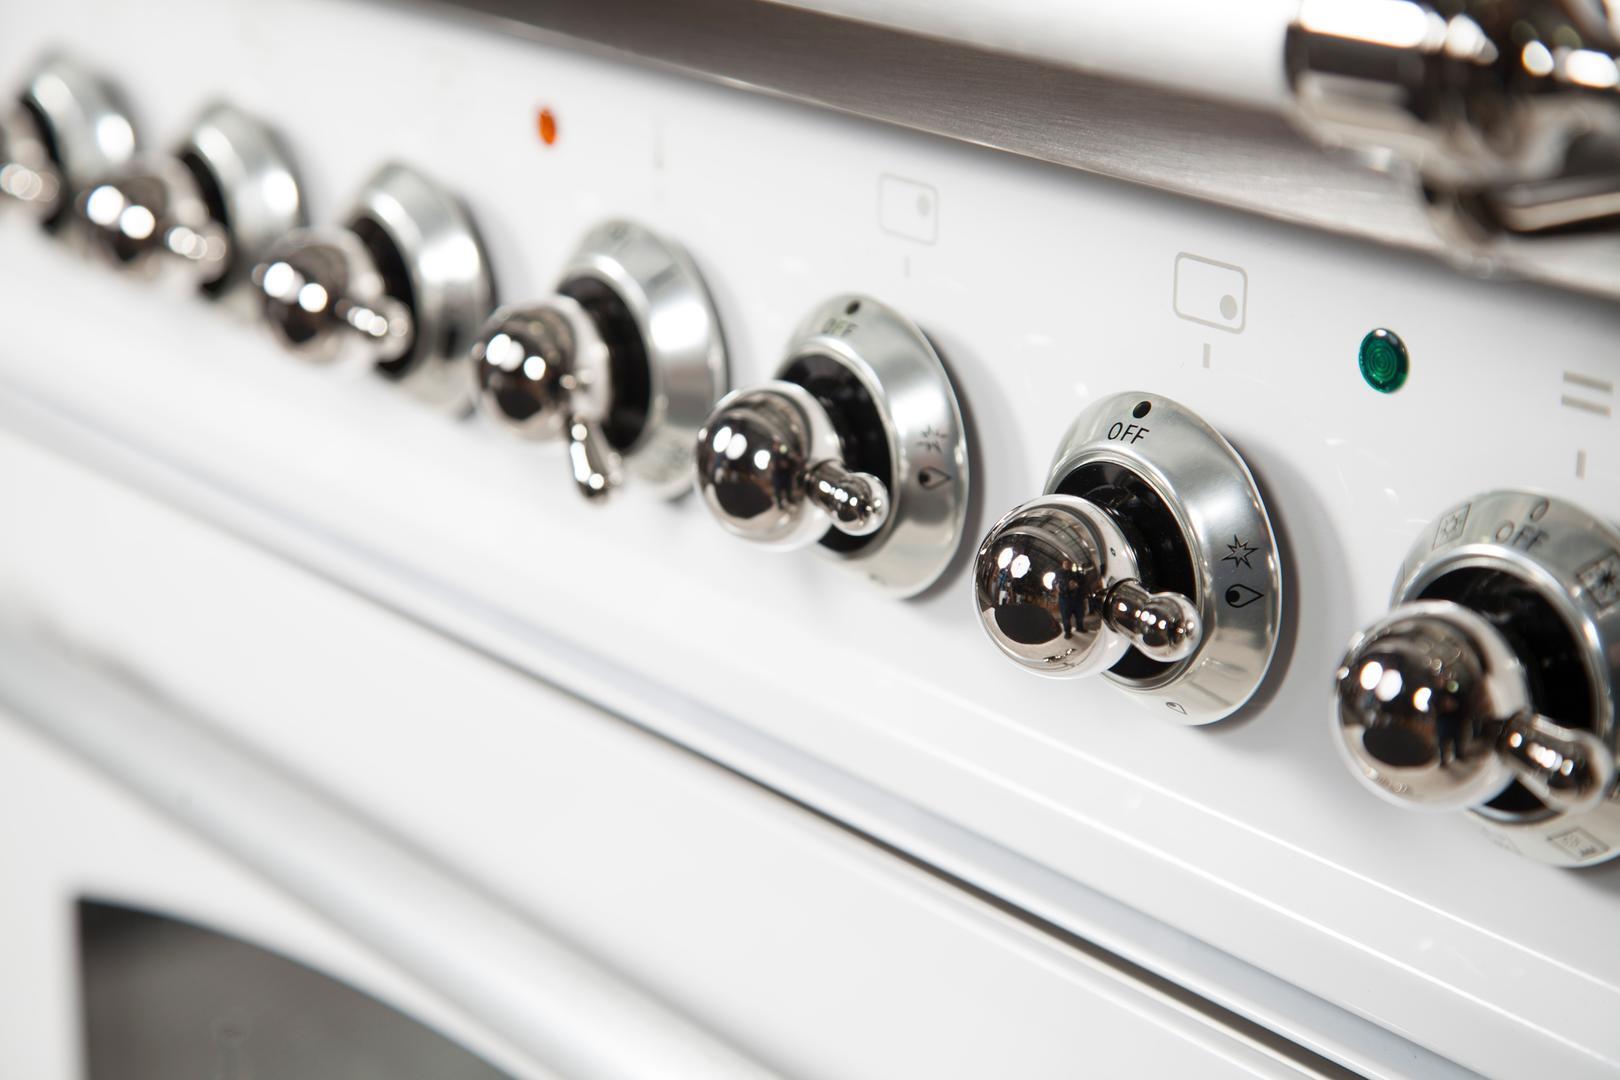 Ilve Nostalgie UPN120FDMPBXLP Freestanding Dual Fuel Range White, UPN120FDMPBXLP Details